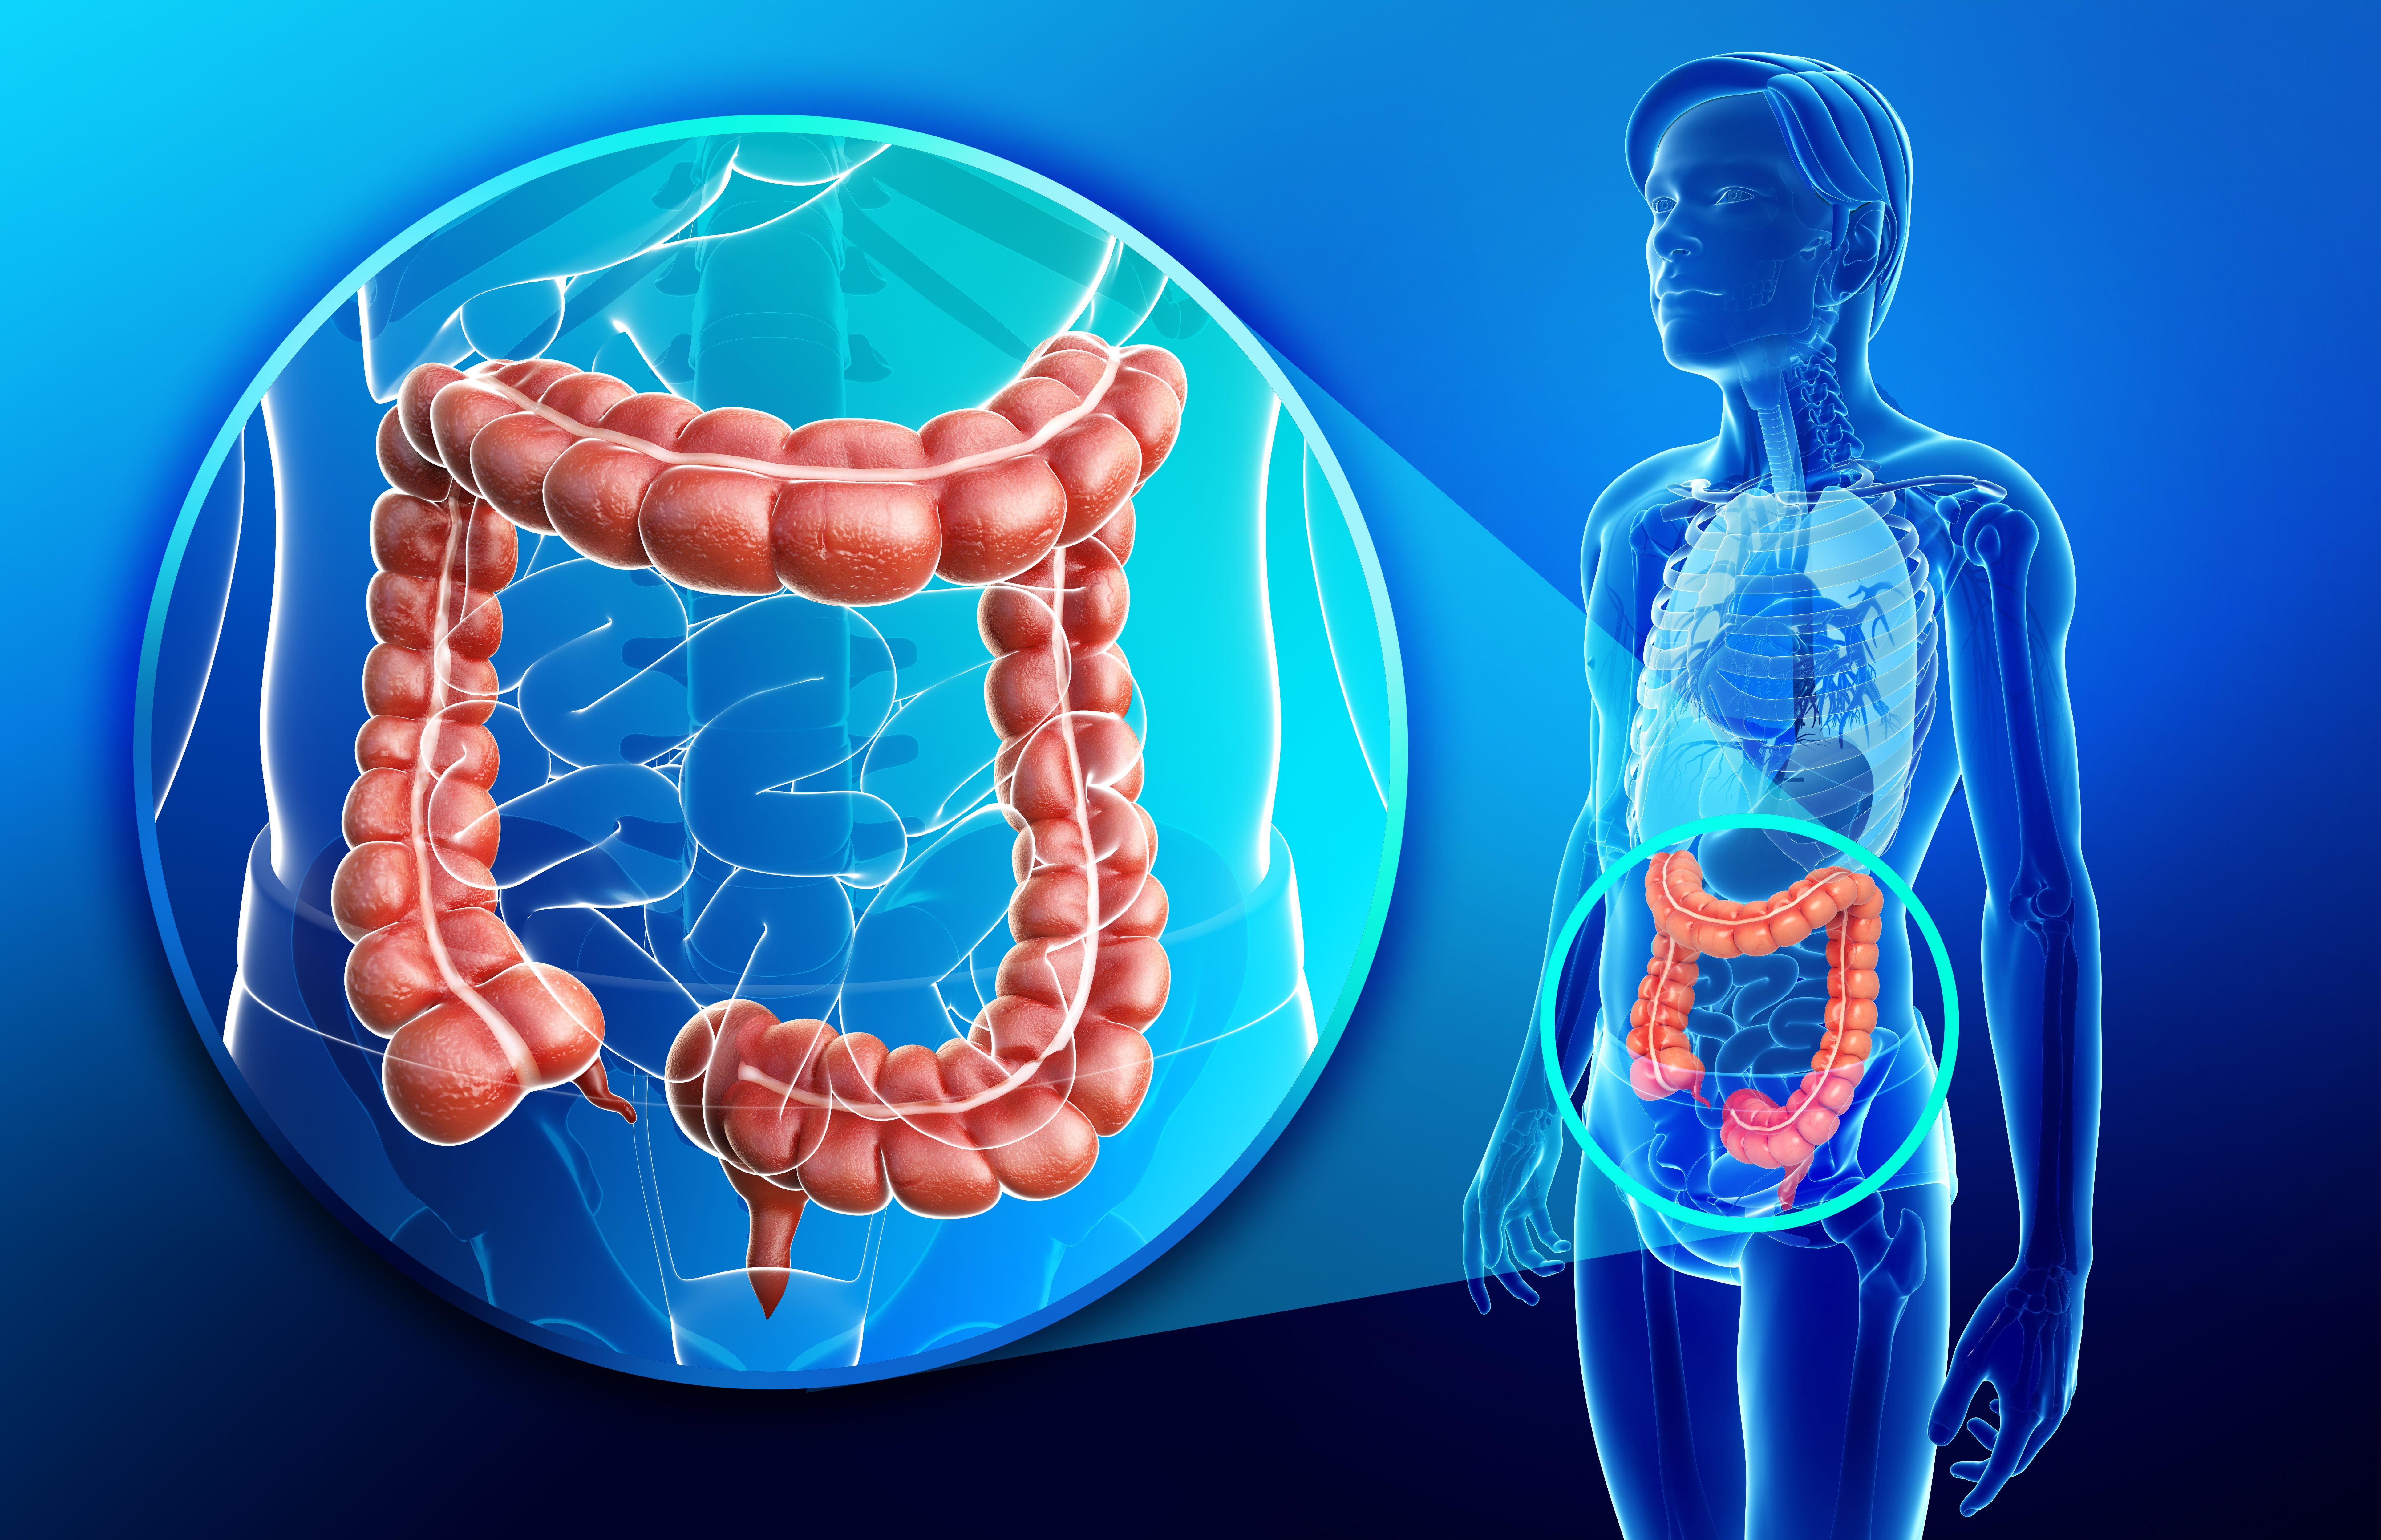 Cancerul de colon: simptome, factori de risc, tratament şi prevenţie